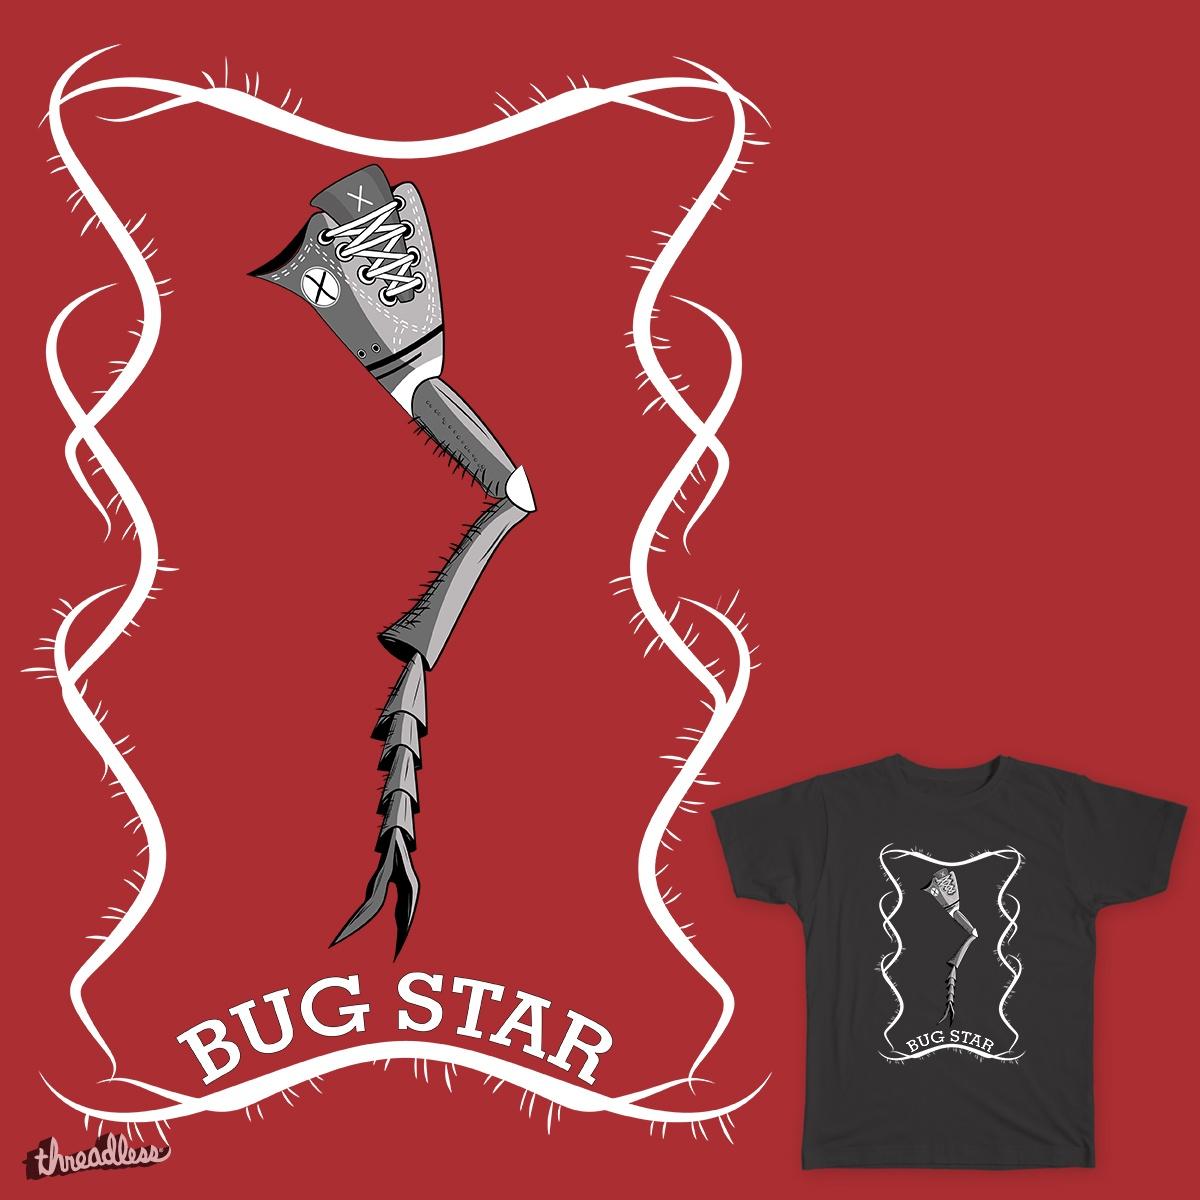 Bug Star by EdiLOp80s on Threadless